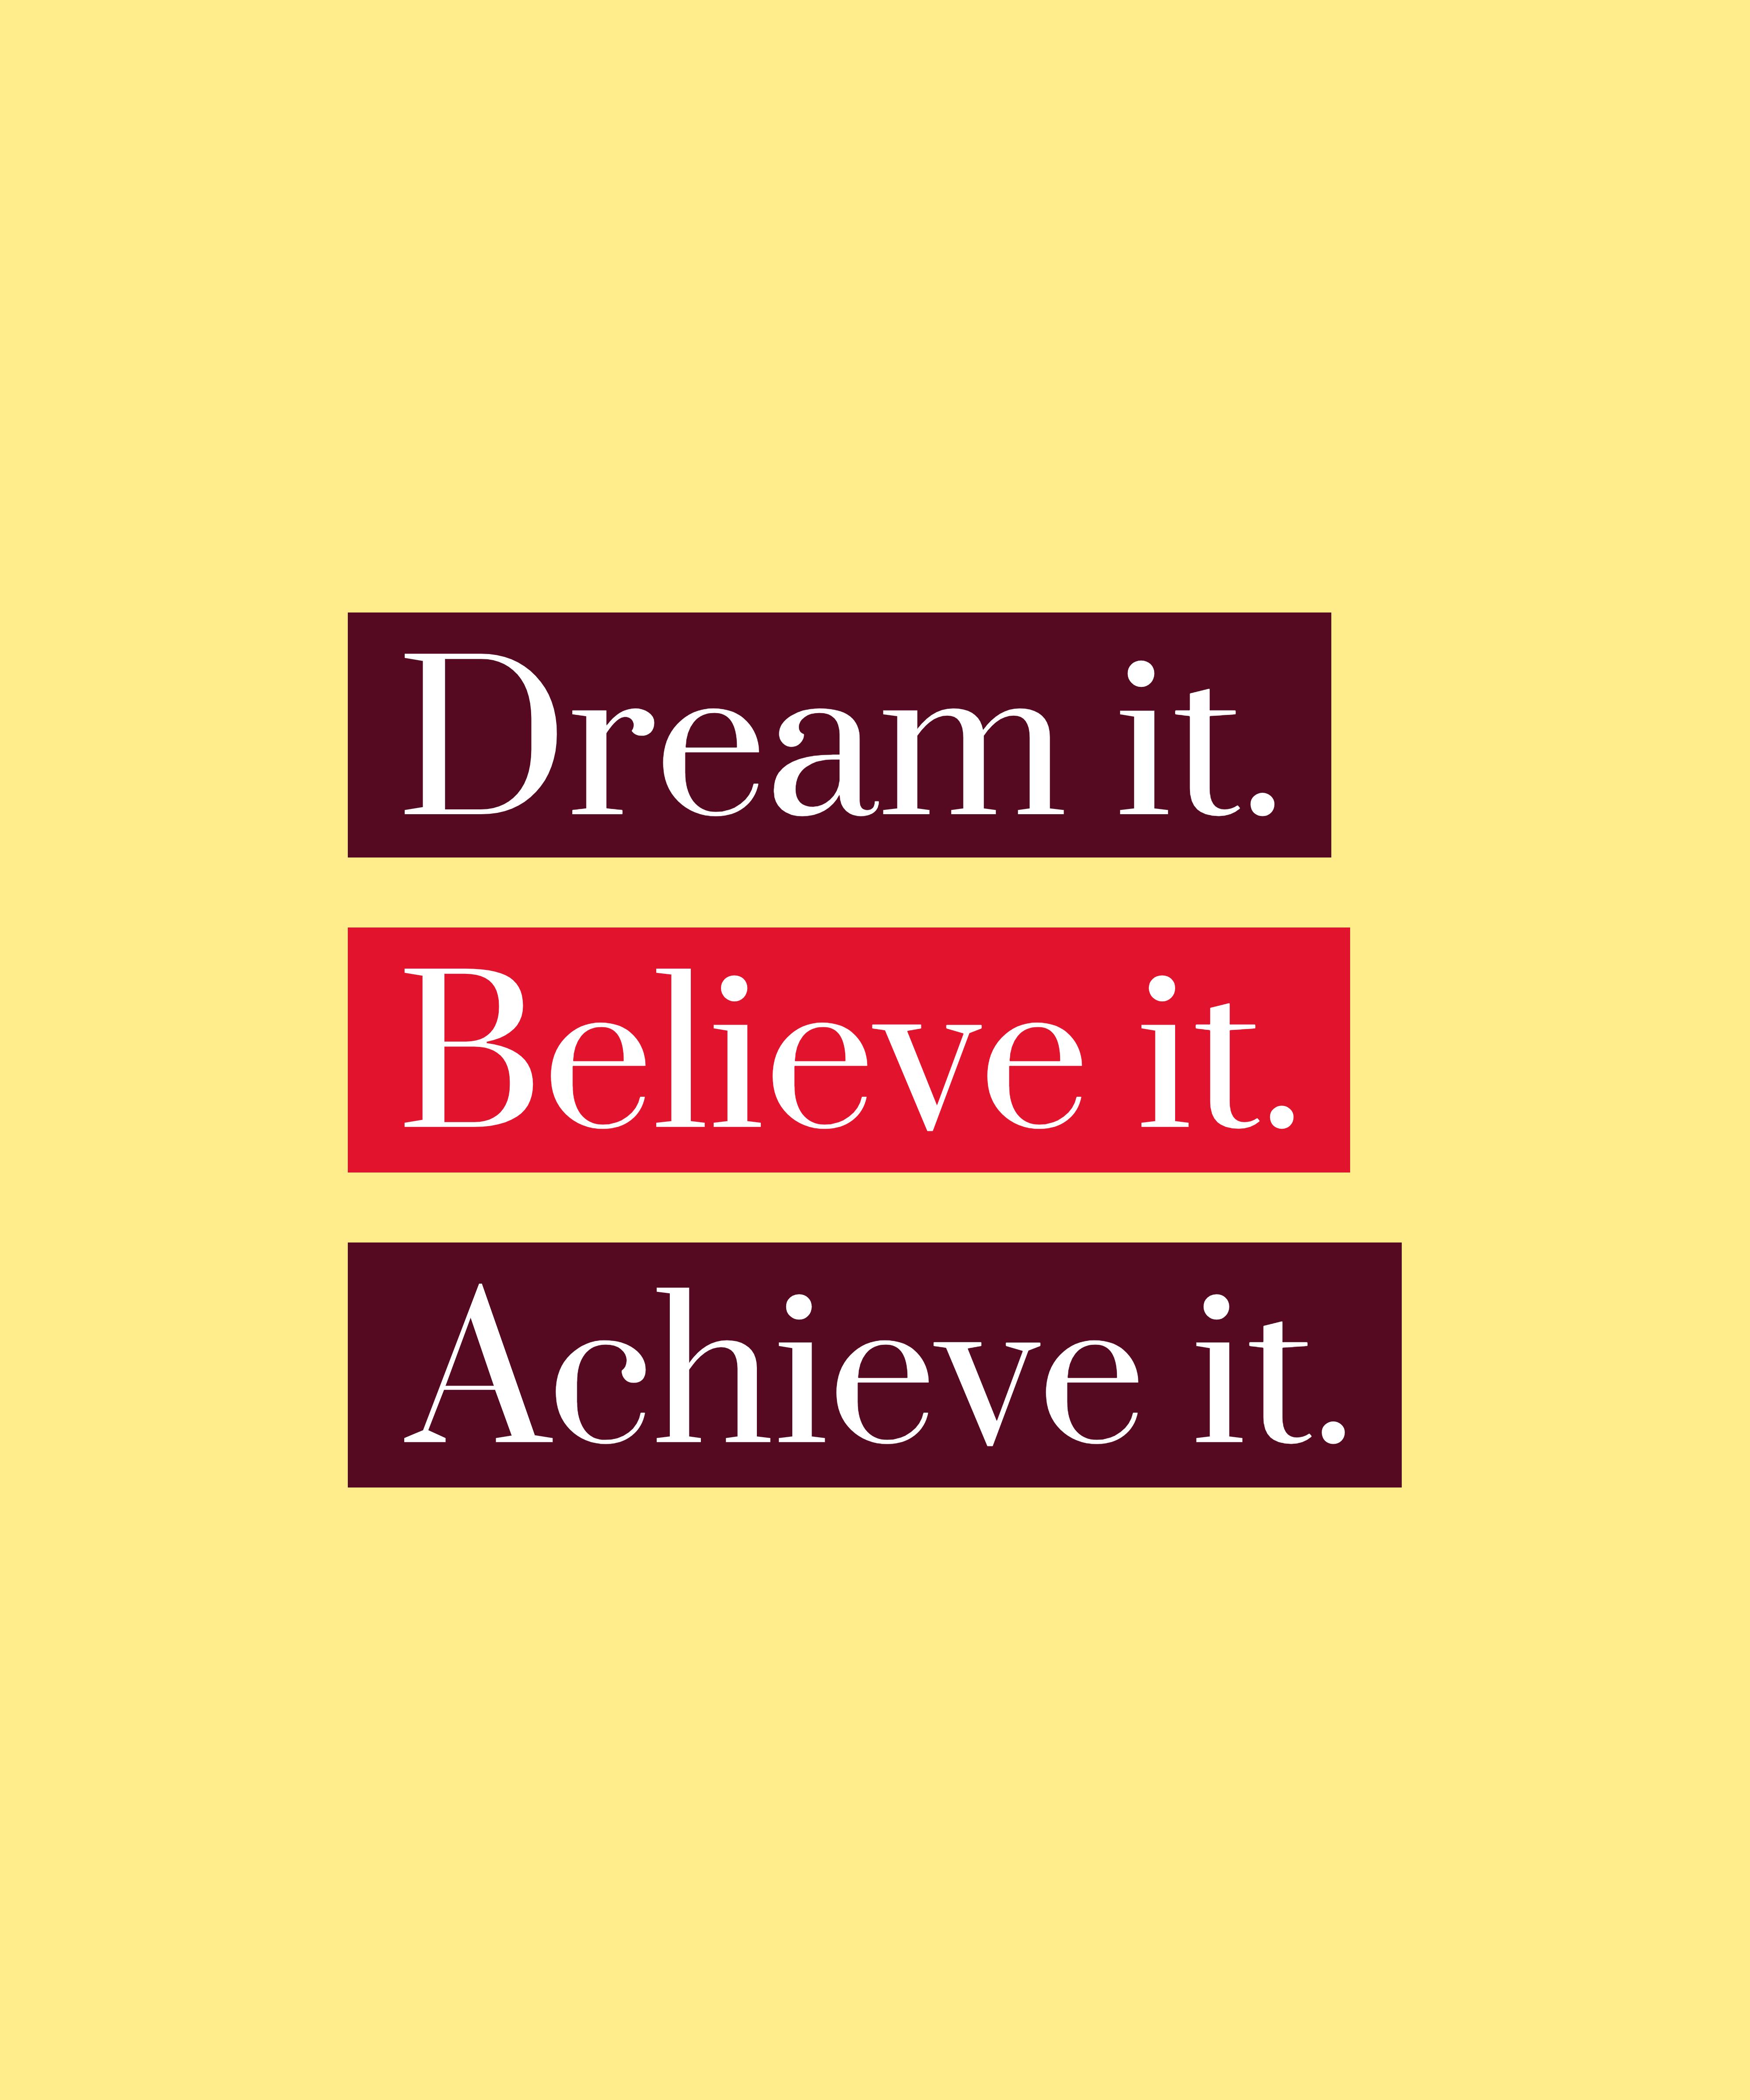 Dream It - Believe It - Achieve It